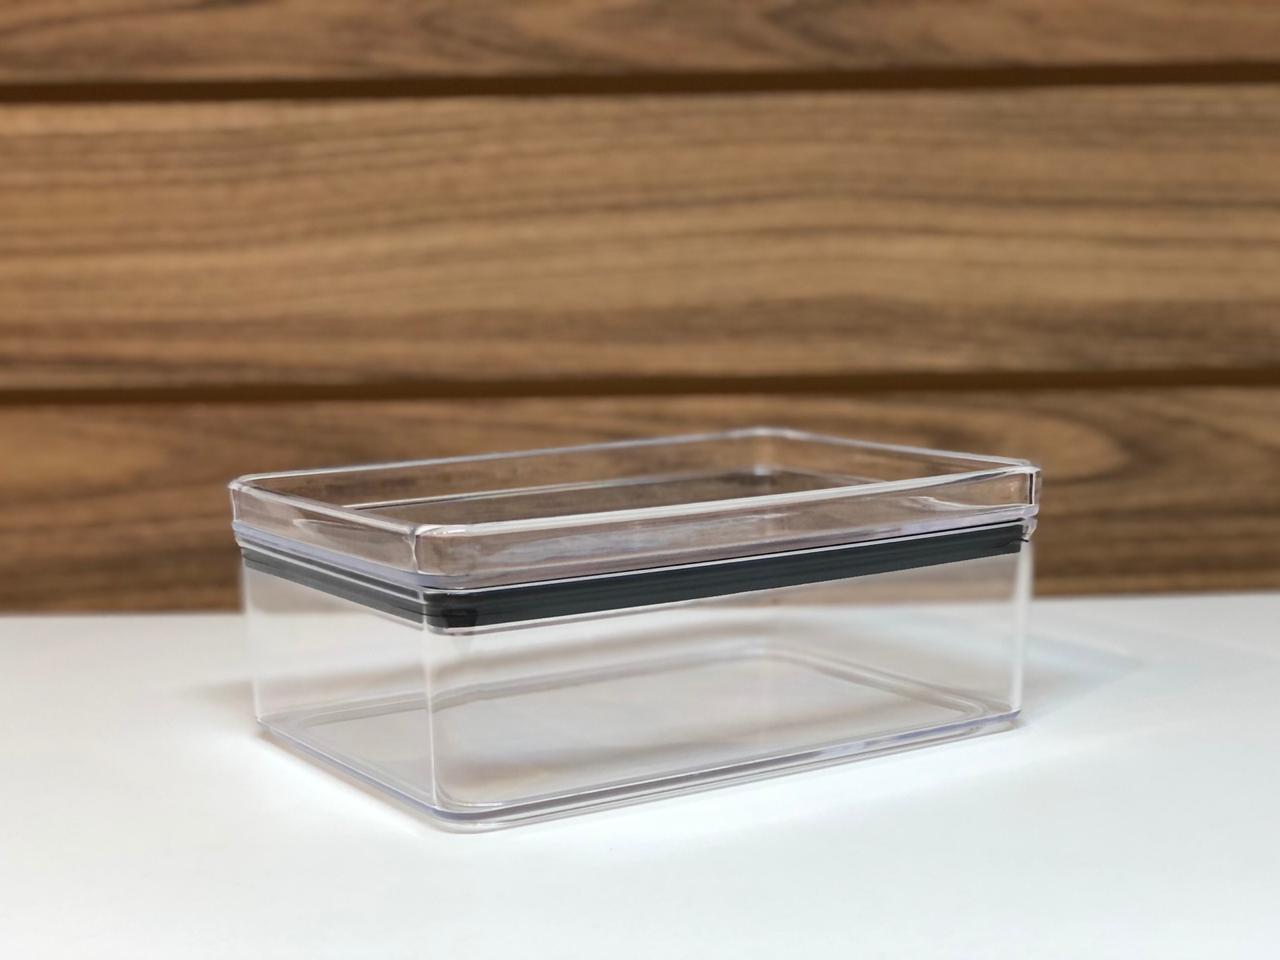 Porta frios transparente 770ml